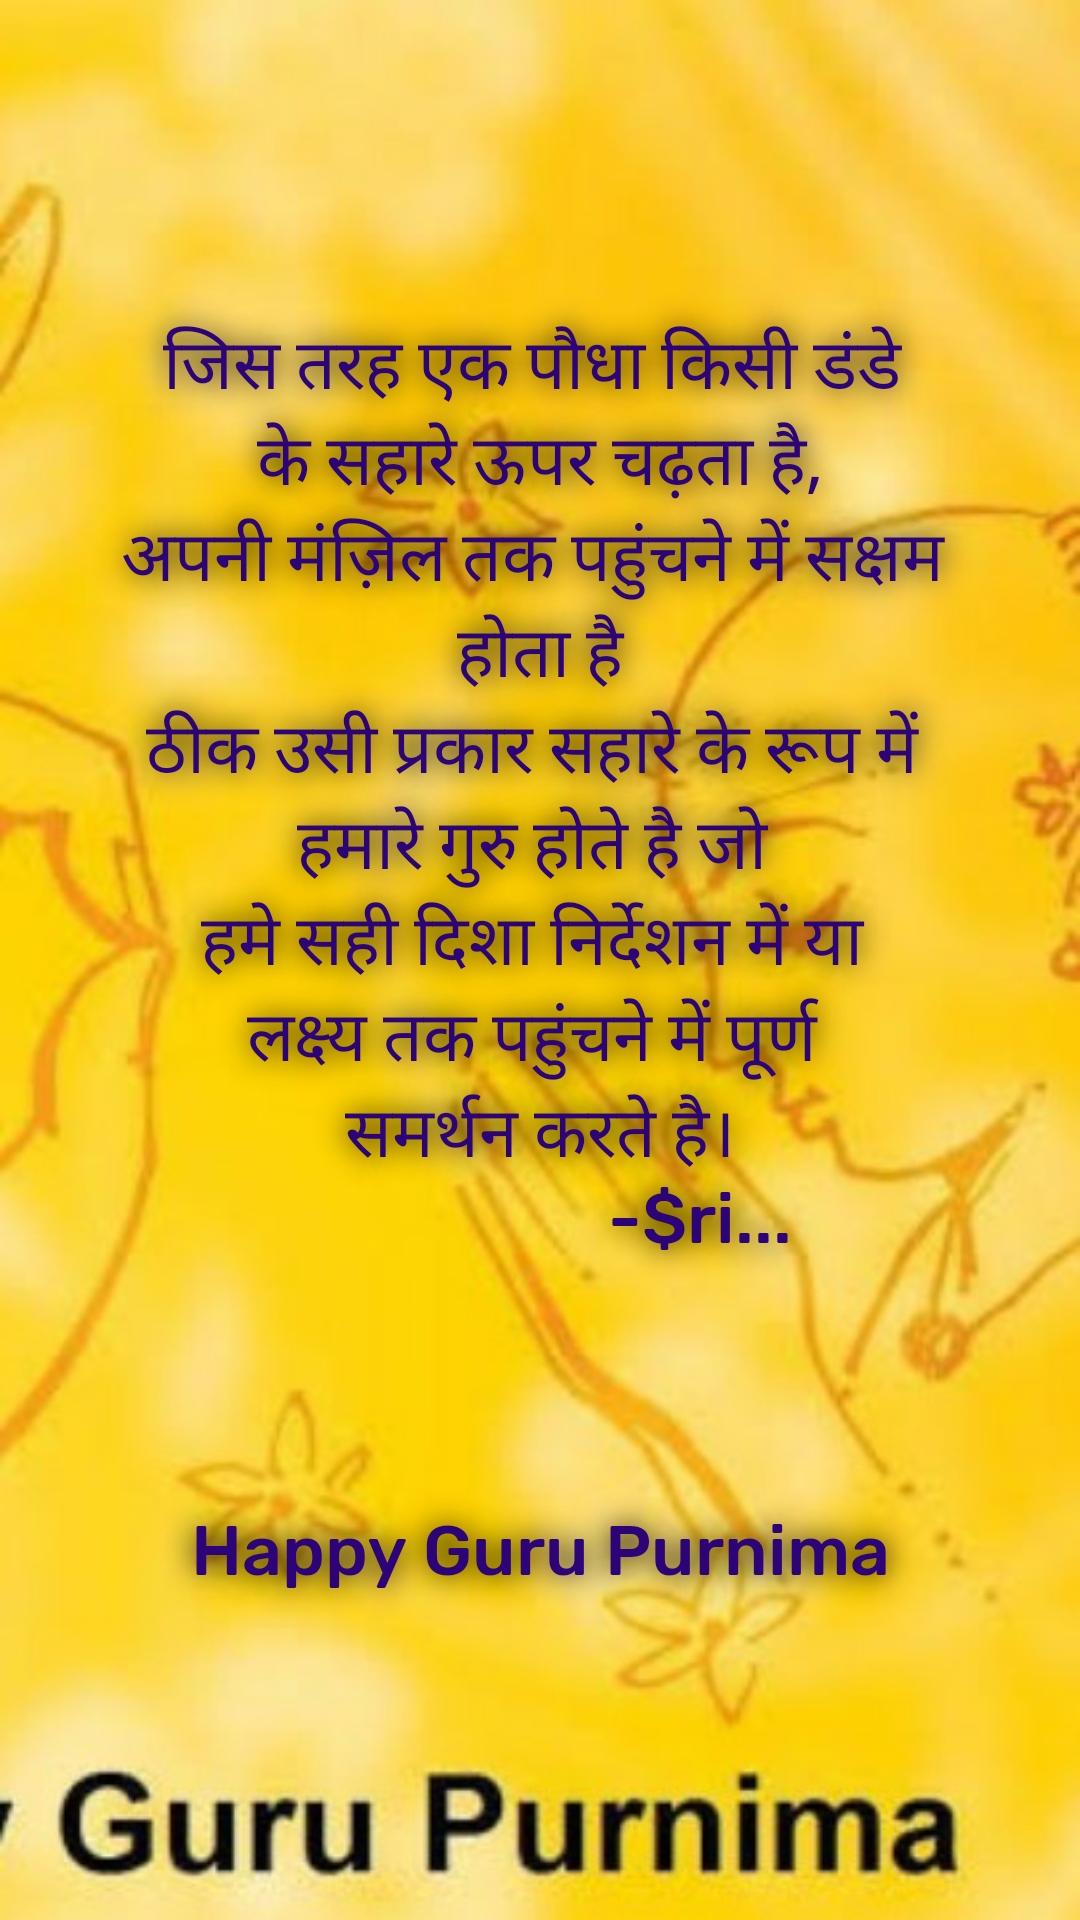 जिस तरह एक पौधा किसी डंडे  के सहारे ऊपर चढ़ता है, अपनी मंज़िल तक पहुंचने में सक्षम  होता है ठीक उसी प्रकार सहारे के रूप में  हमारे गुरु होते है जो  हमे सही दिशा निर्देशन में या  लक्ष्य तक पहुंचने में पूर्ण  समर्थन करते है।                     -$ri...                                                               Happy Guru Purnima